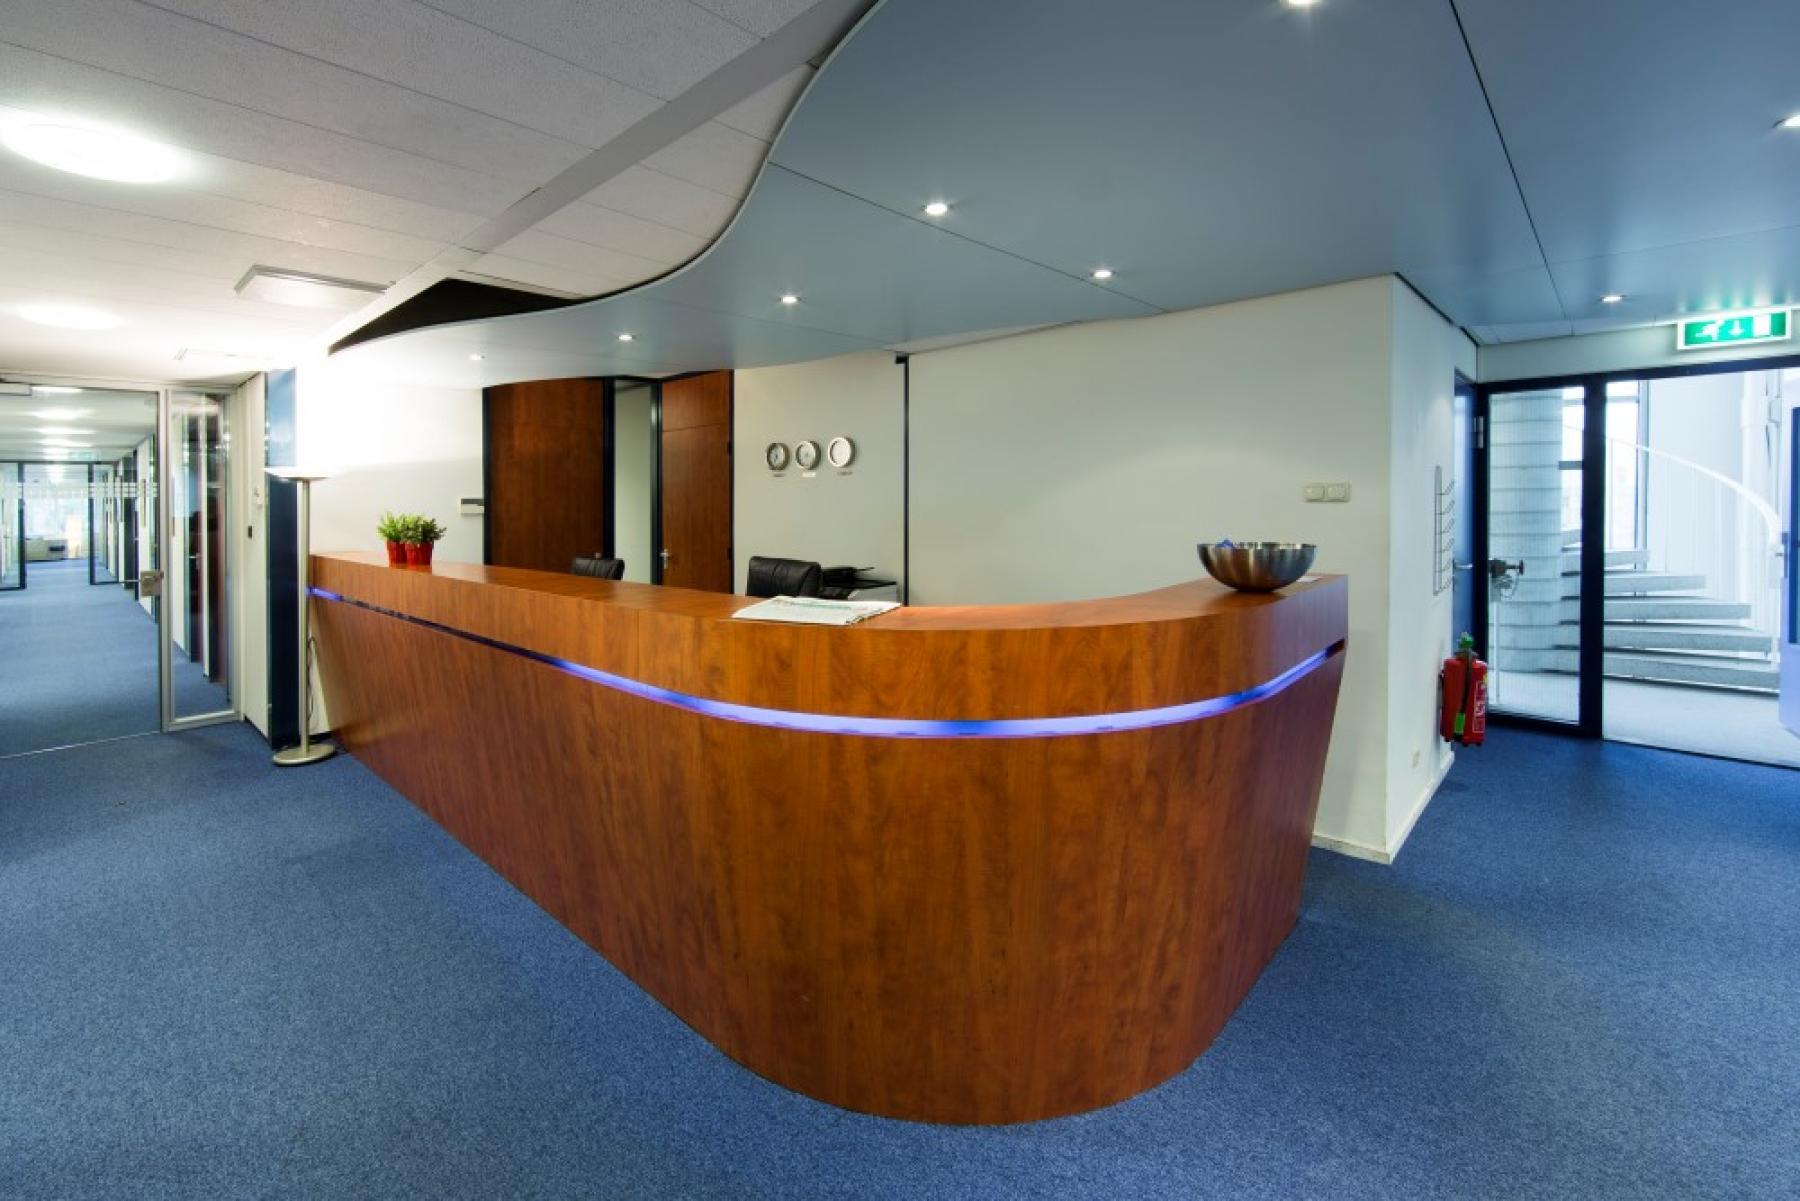 receptiebalie aanwezig in kantoor in Eindhoven, maak gebruik van receptiediensten aan de Fellenoord